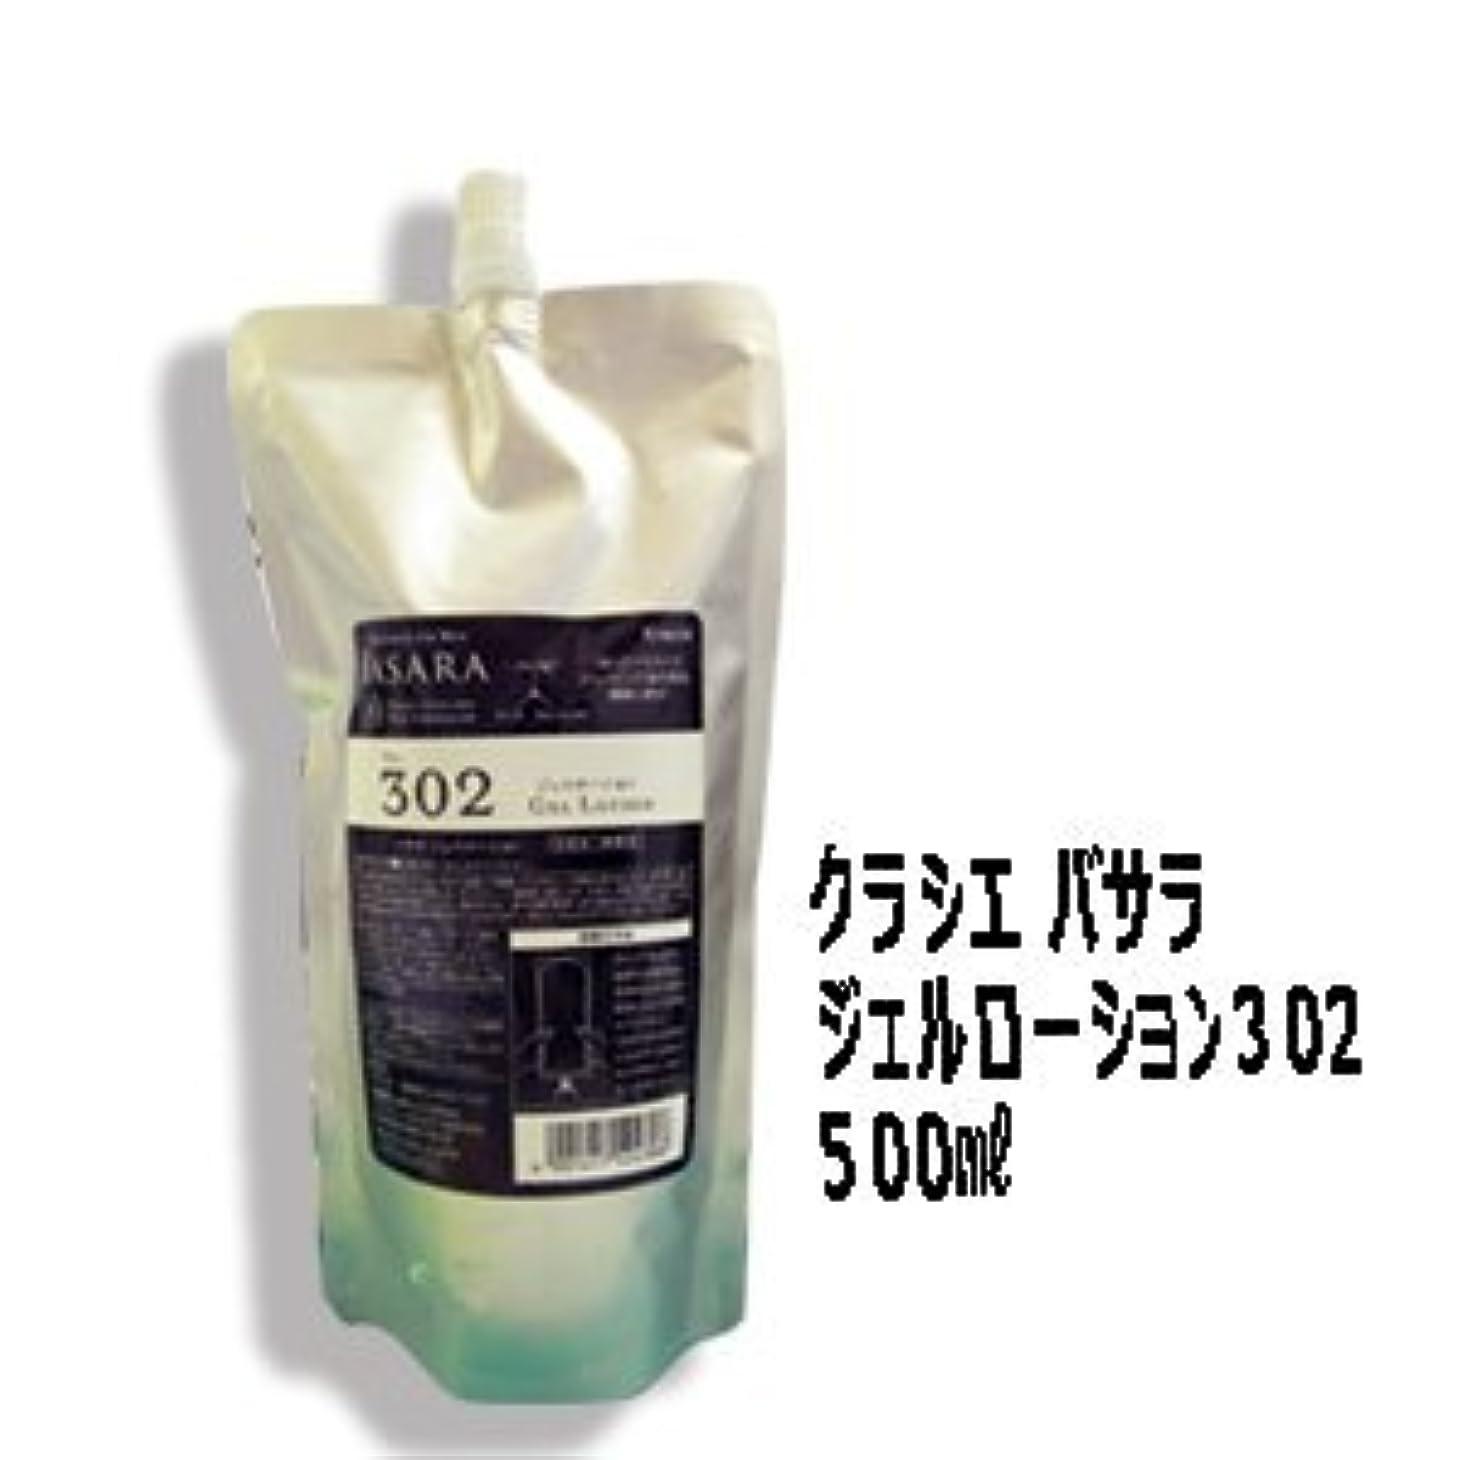 少年底風味クラシエ BASARAバサラ 302 ジェルローション 500ml 業務用 詰め替えタイプ 【大容量】